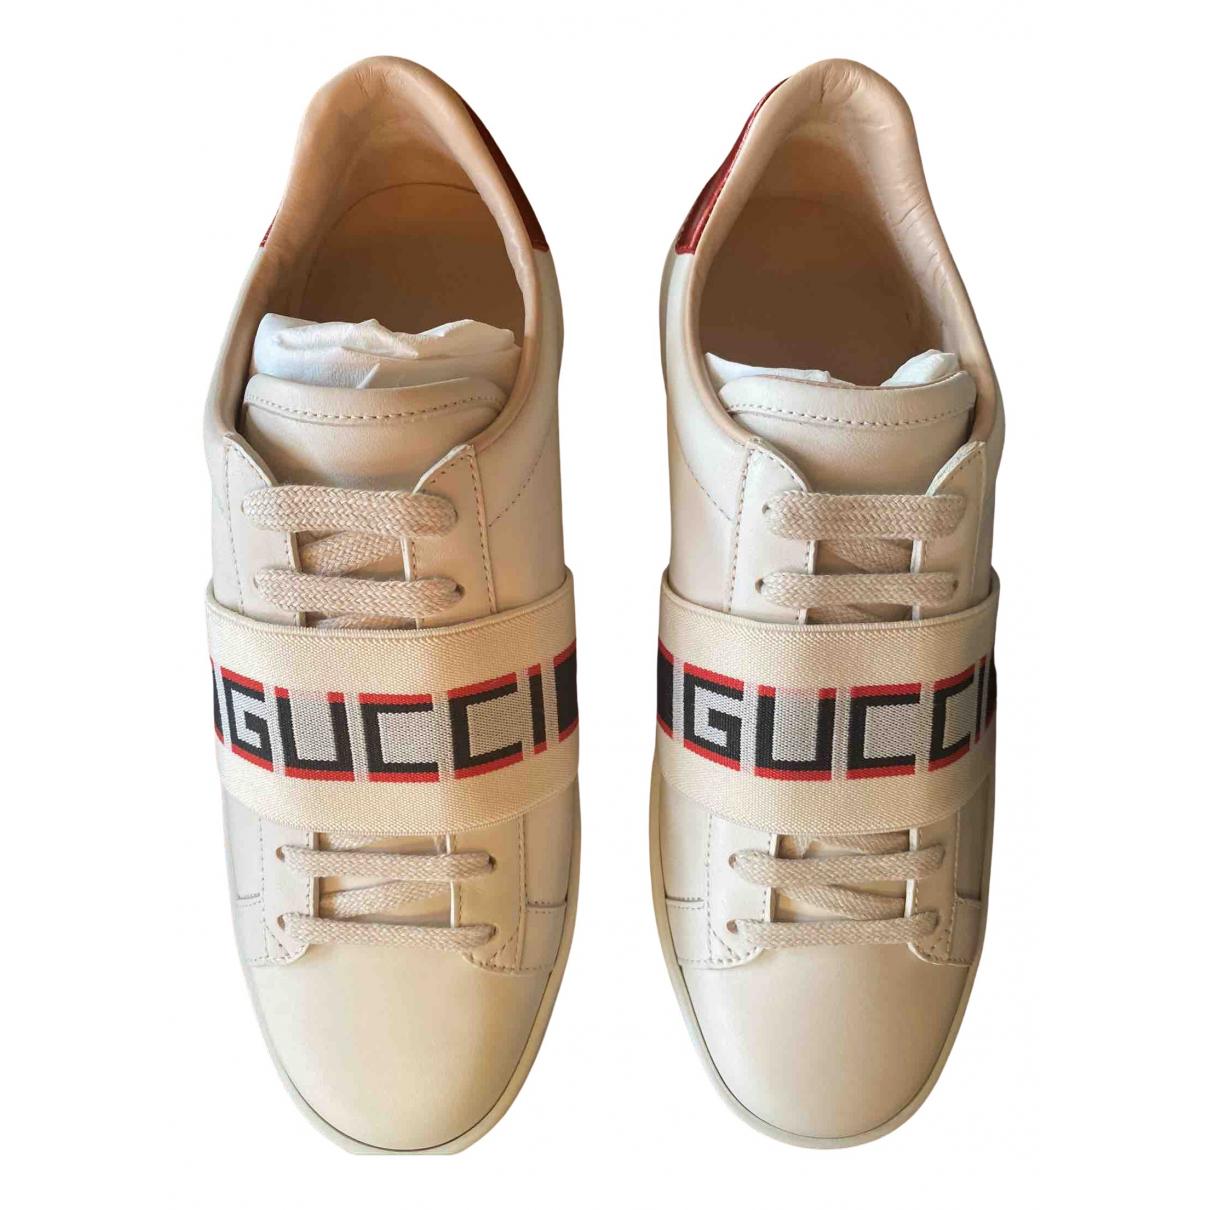 Gucci - Baskets Ace pour femme en cuir - beige